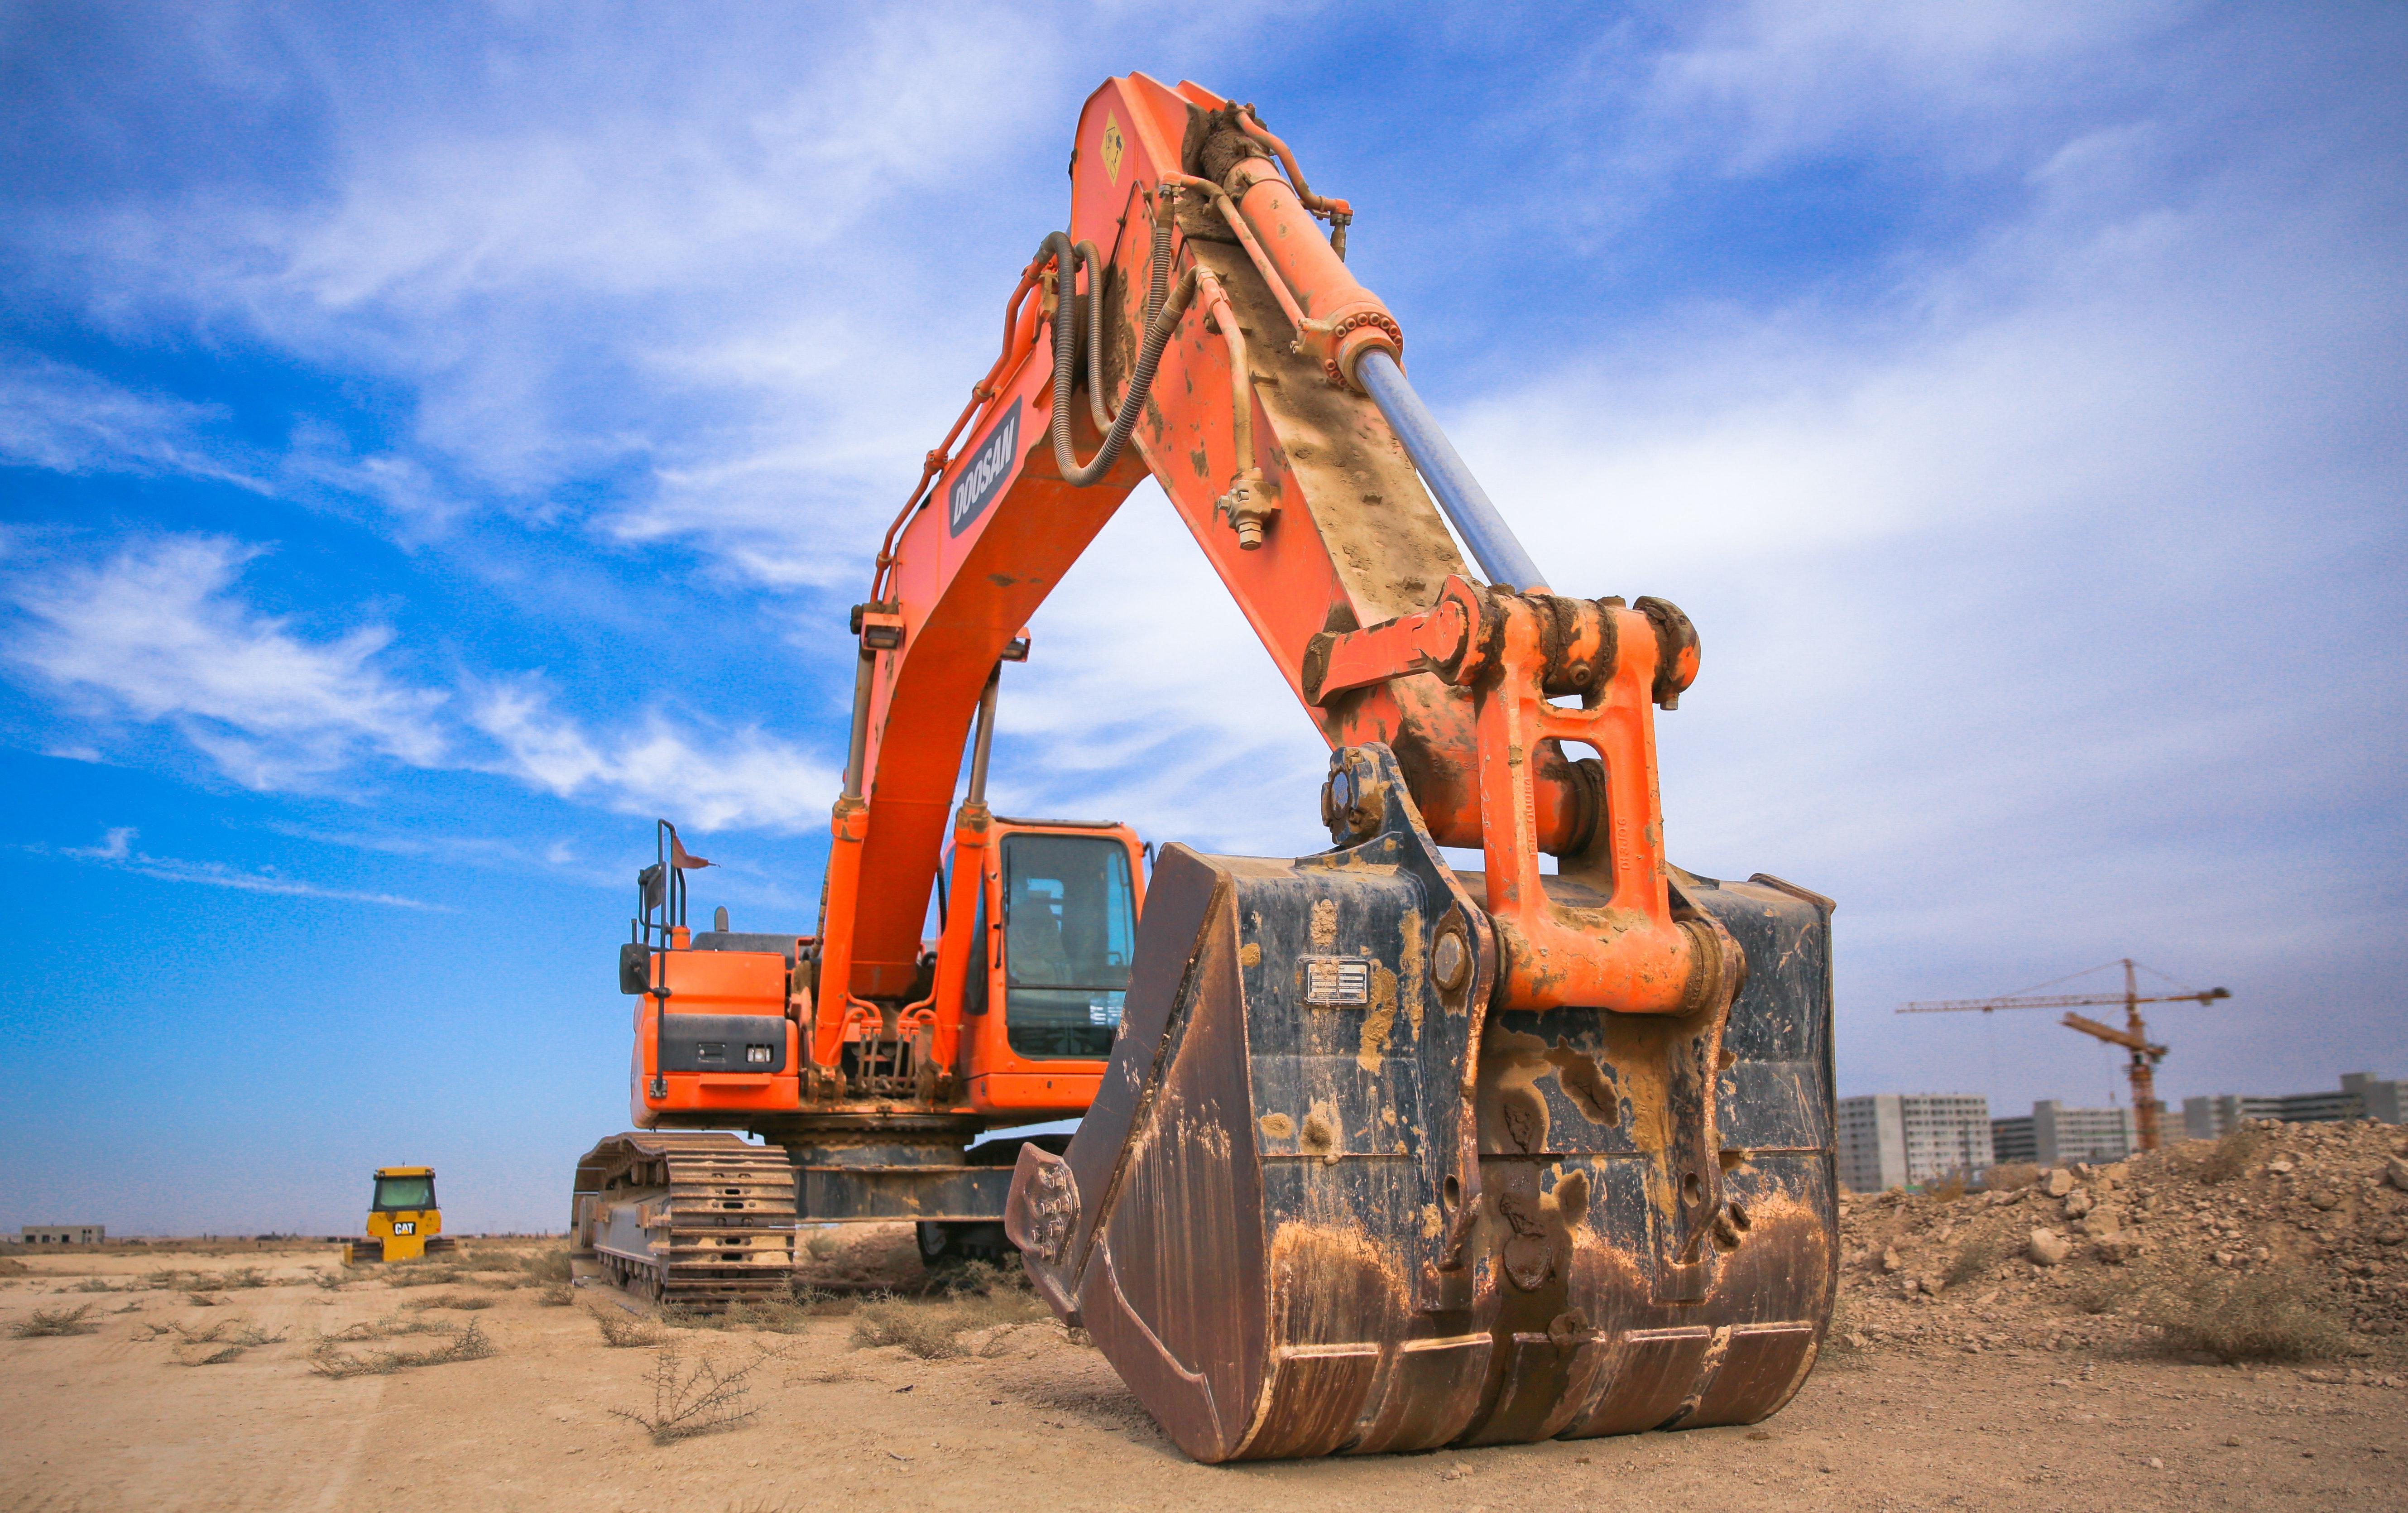 Crawler excavators are versatile machines